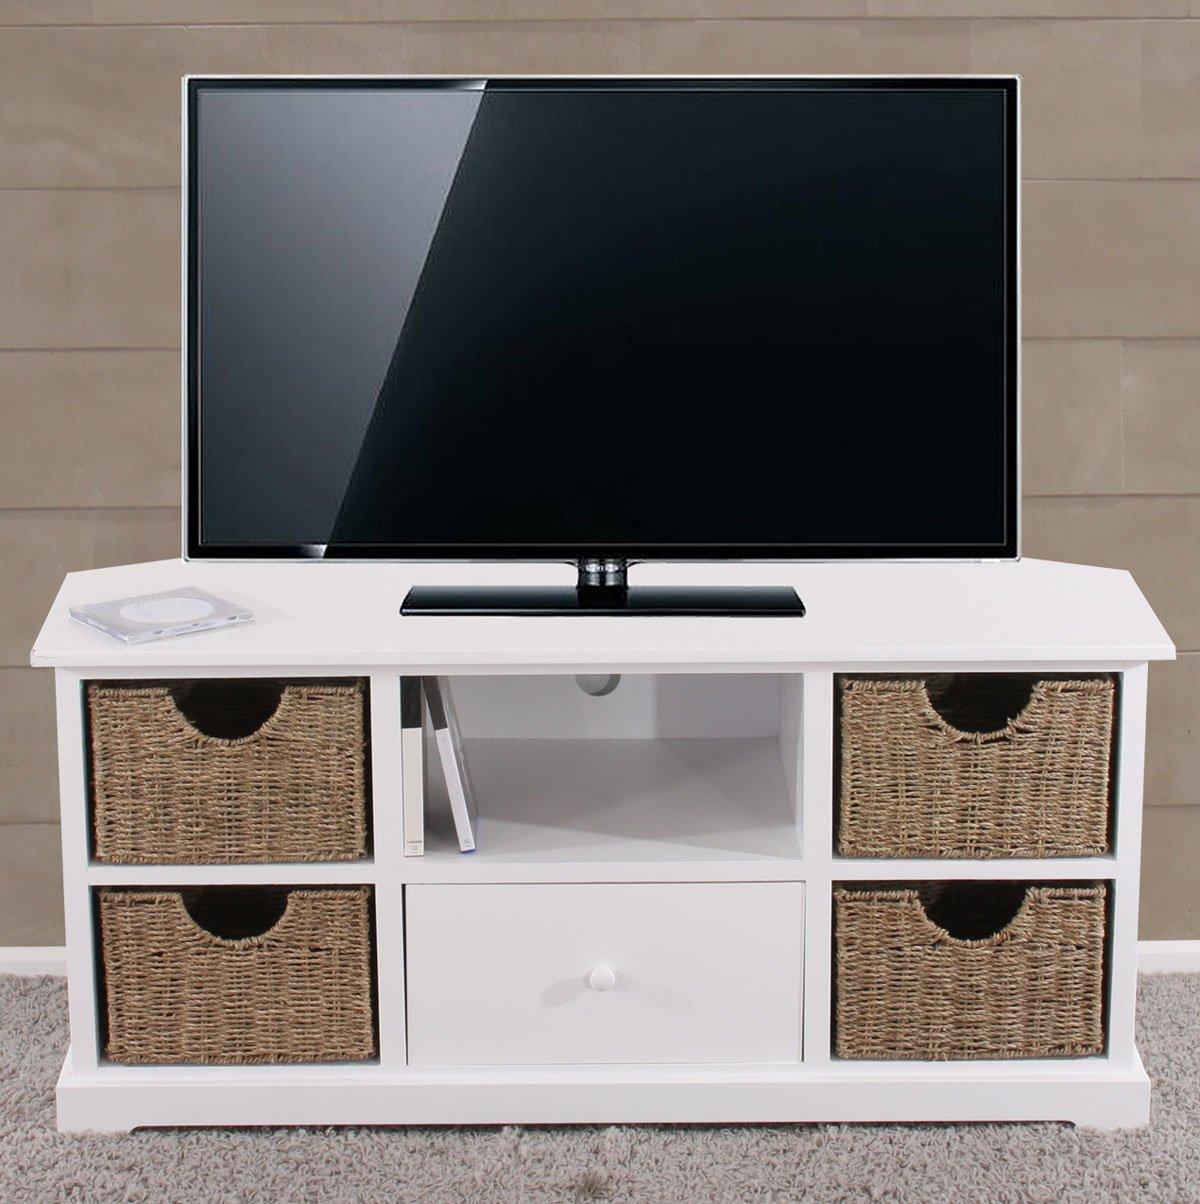 Mesa de tv con estanter as tv y cajones de mimbre - Cajones de mimbre ...